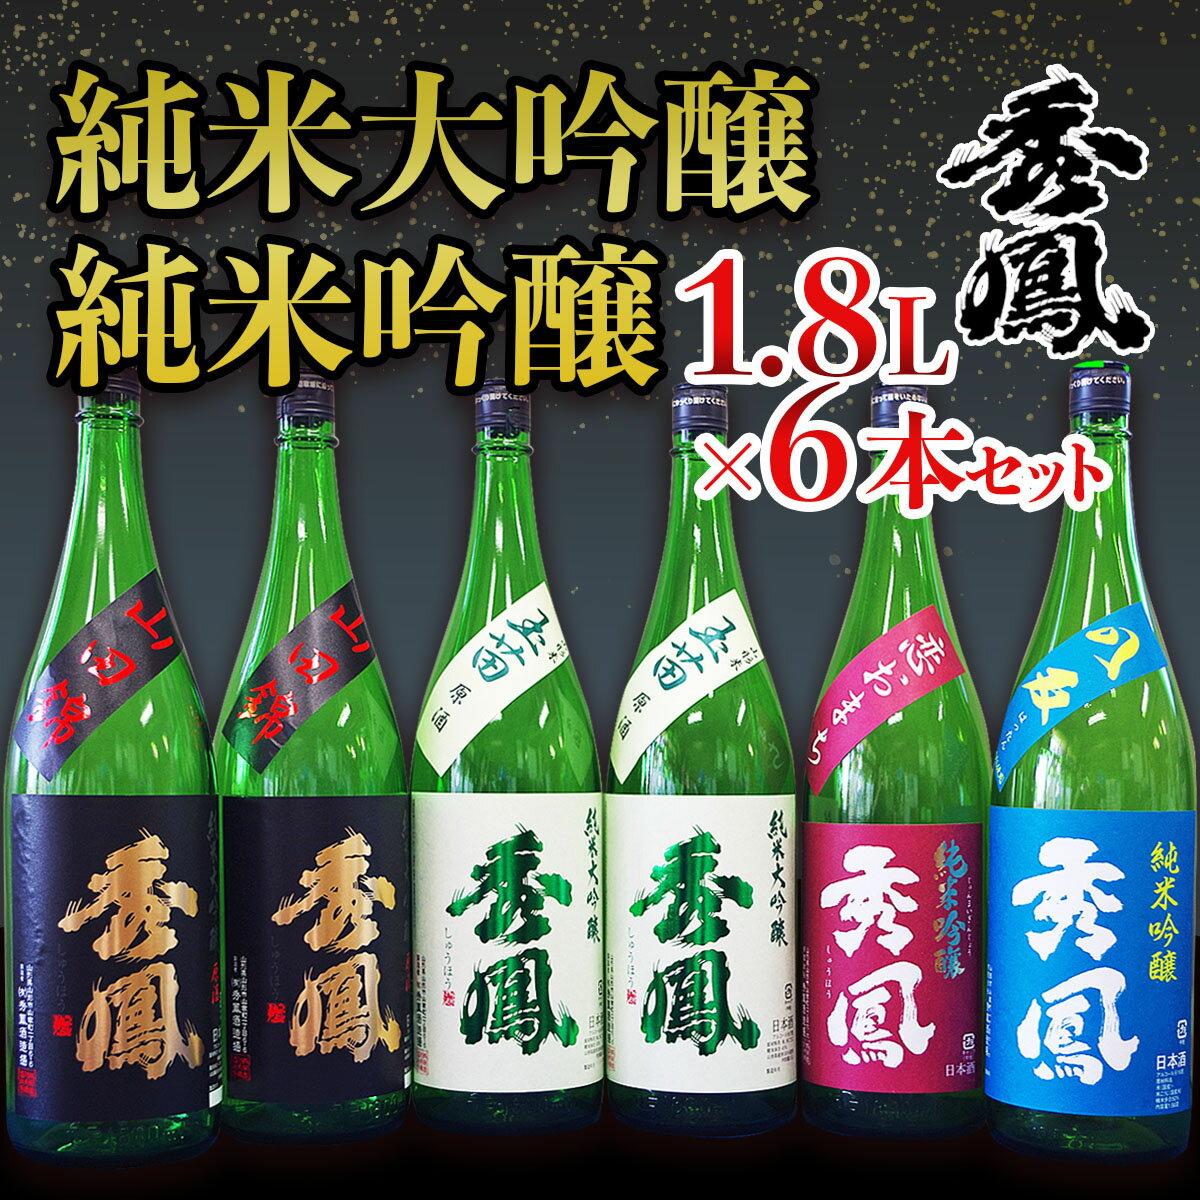 秀鳳 純米吟醸 純米大吟醸 1.8L×6本セット